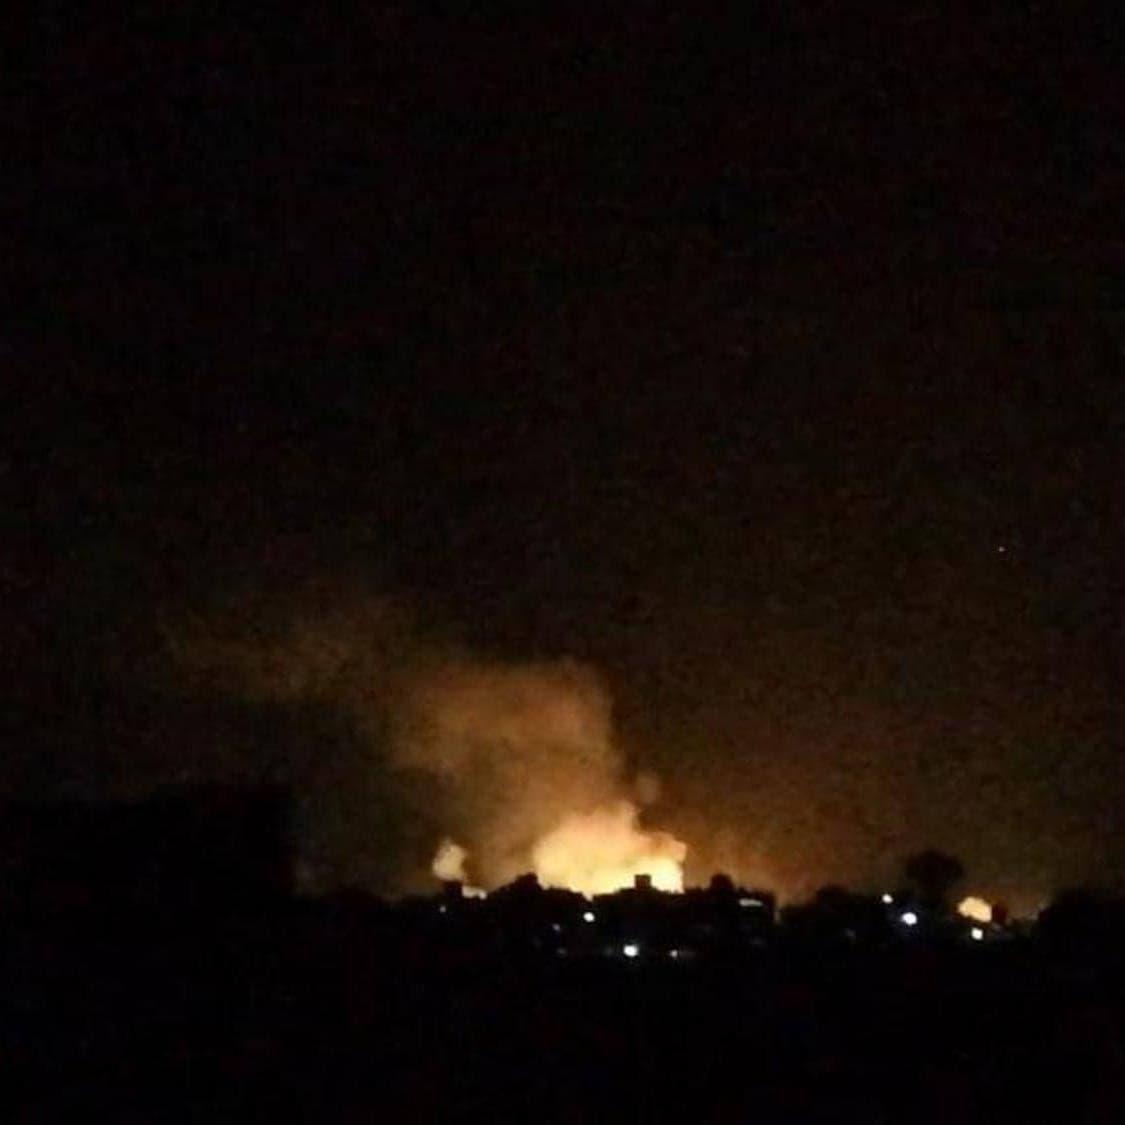 في أول عملية عسكرية لإدارة بايدن.. ارتفاع قتلى ميليشيات إيران بسوريا لـ22